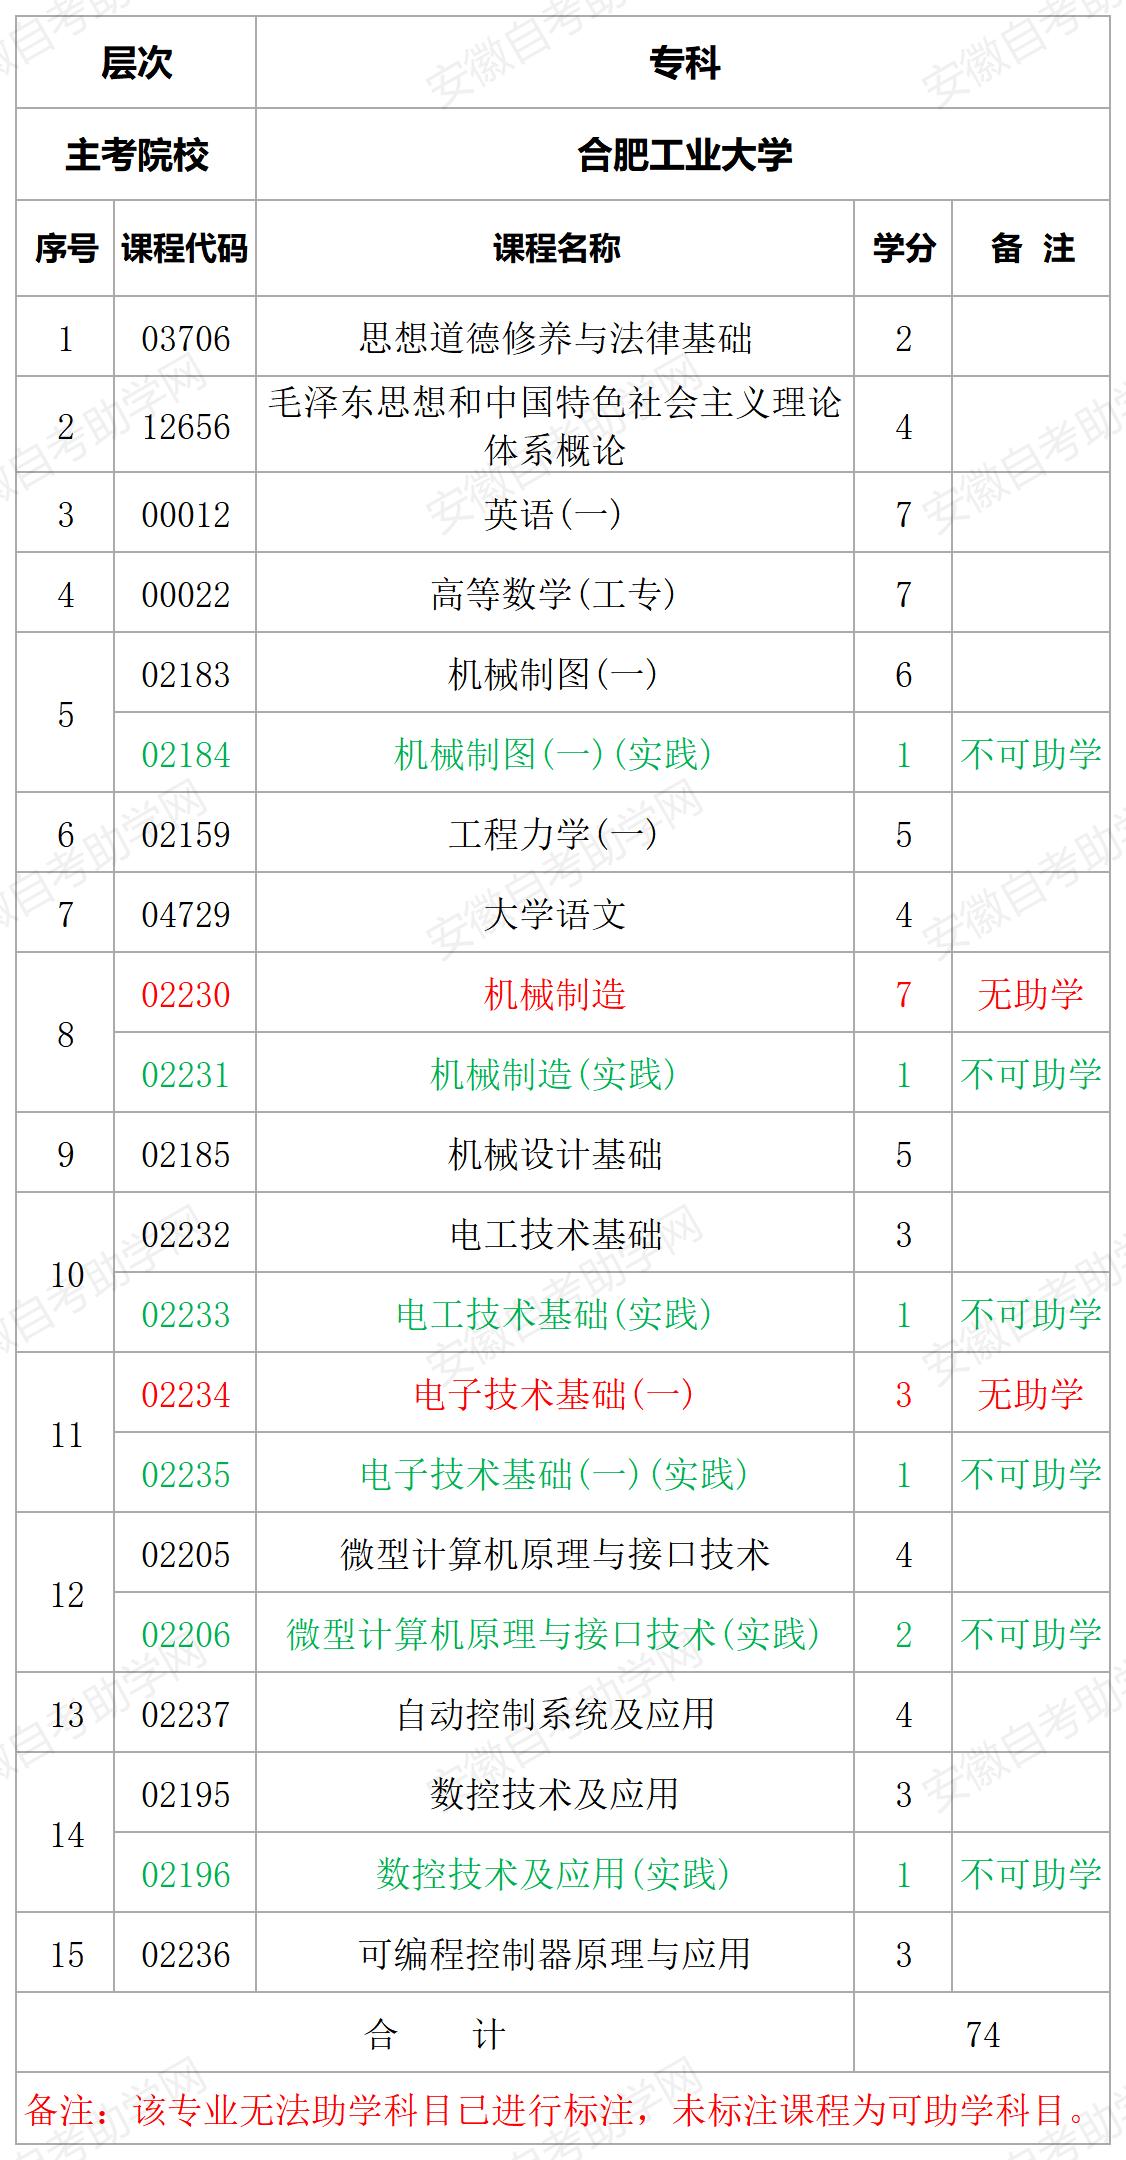 合肥工业大学机电一体化技术专科专业计划表